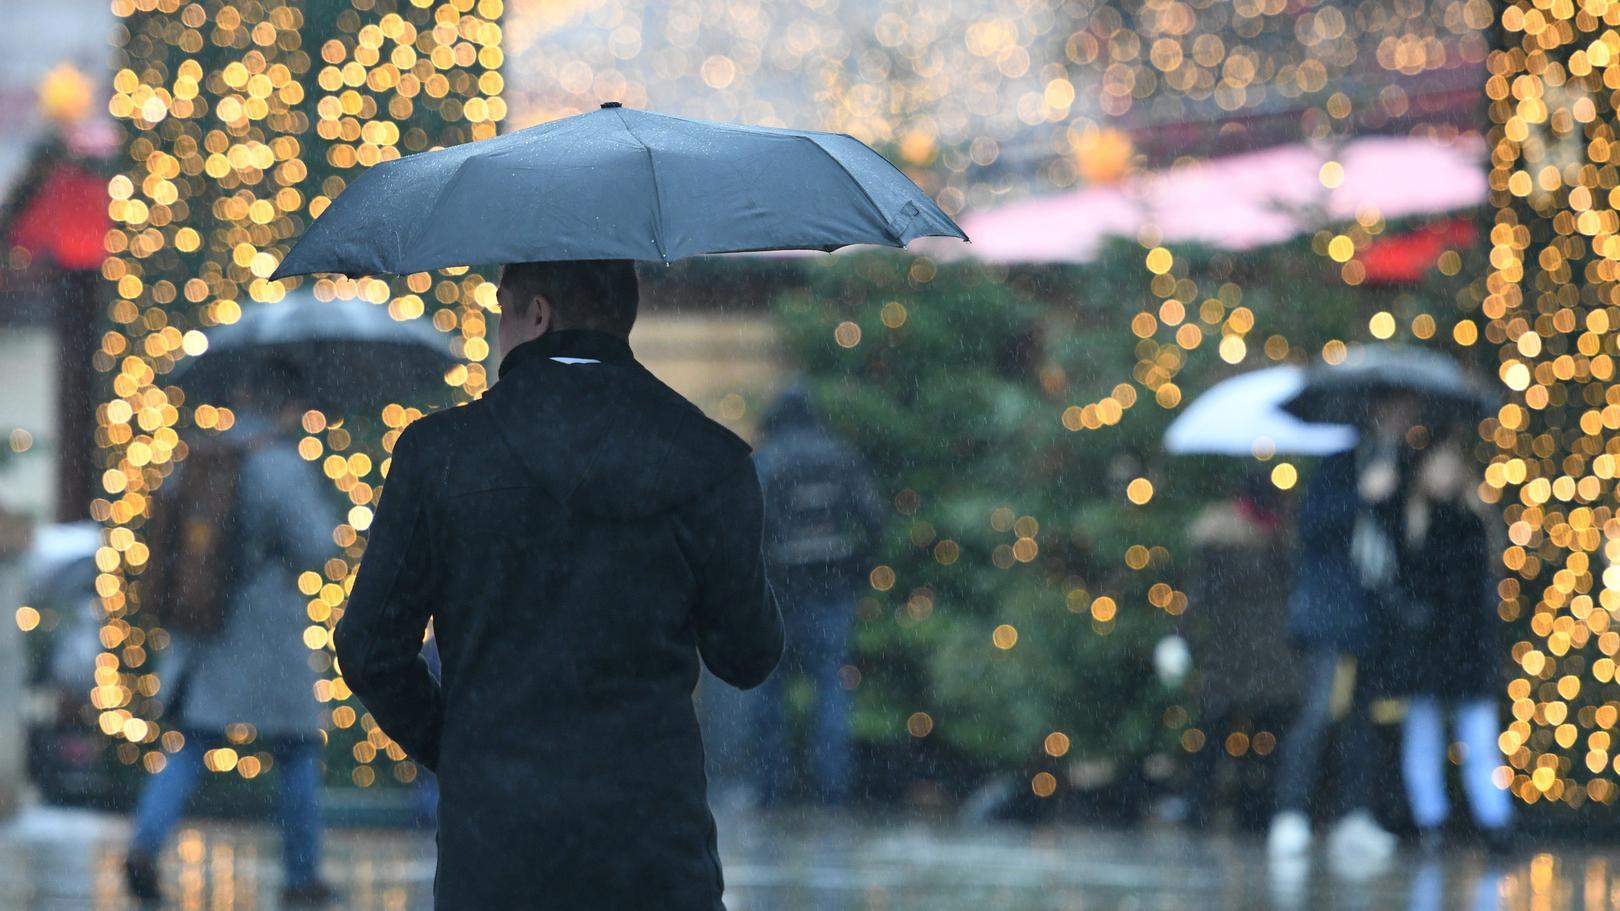 Nordrhein-Westfalen, Köln: Besucher gehen auf dem Weihnachtsmarkt am Dom mit Regenschirmen zwischen den Ständen hindurch.